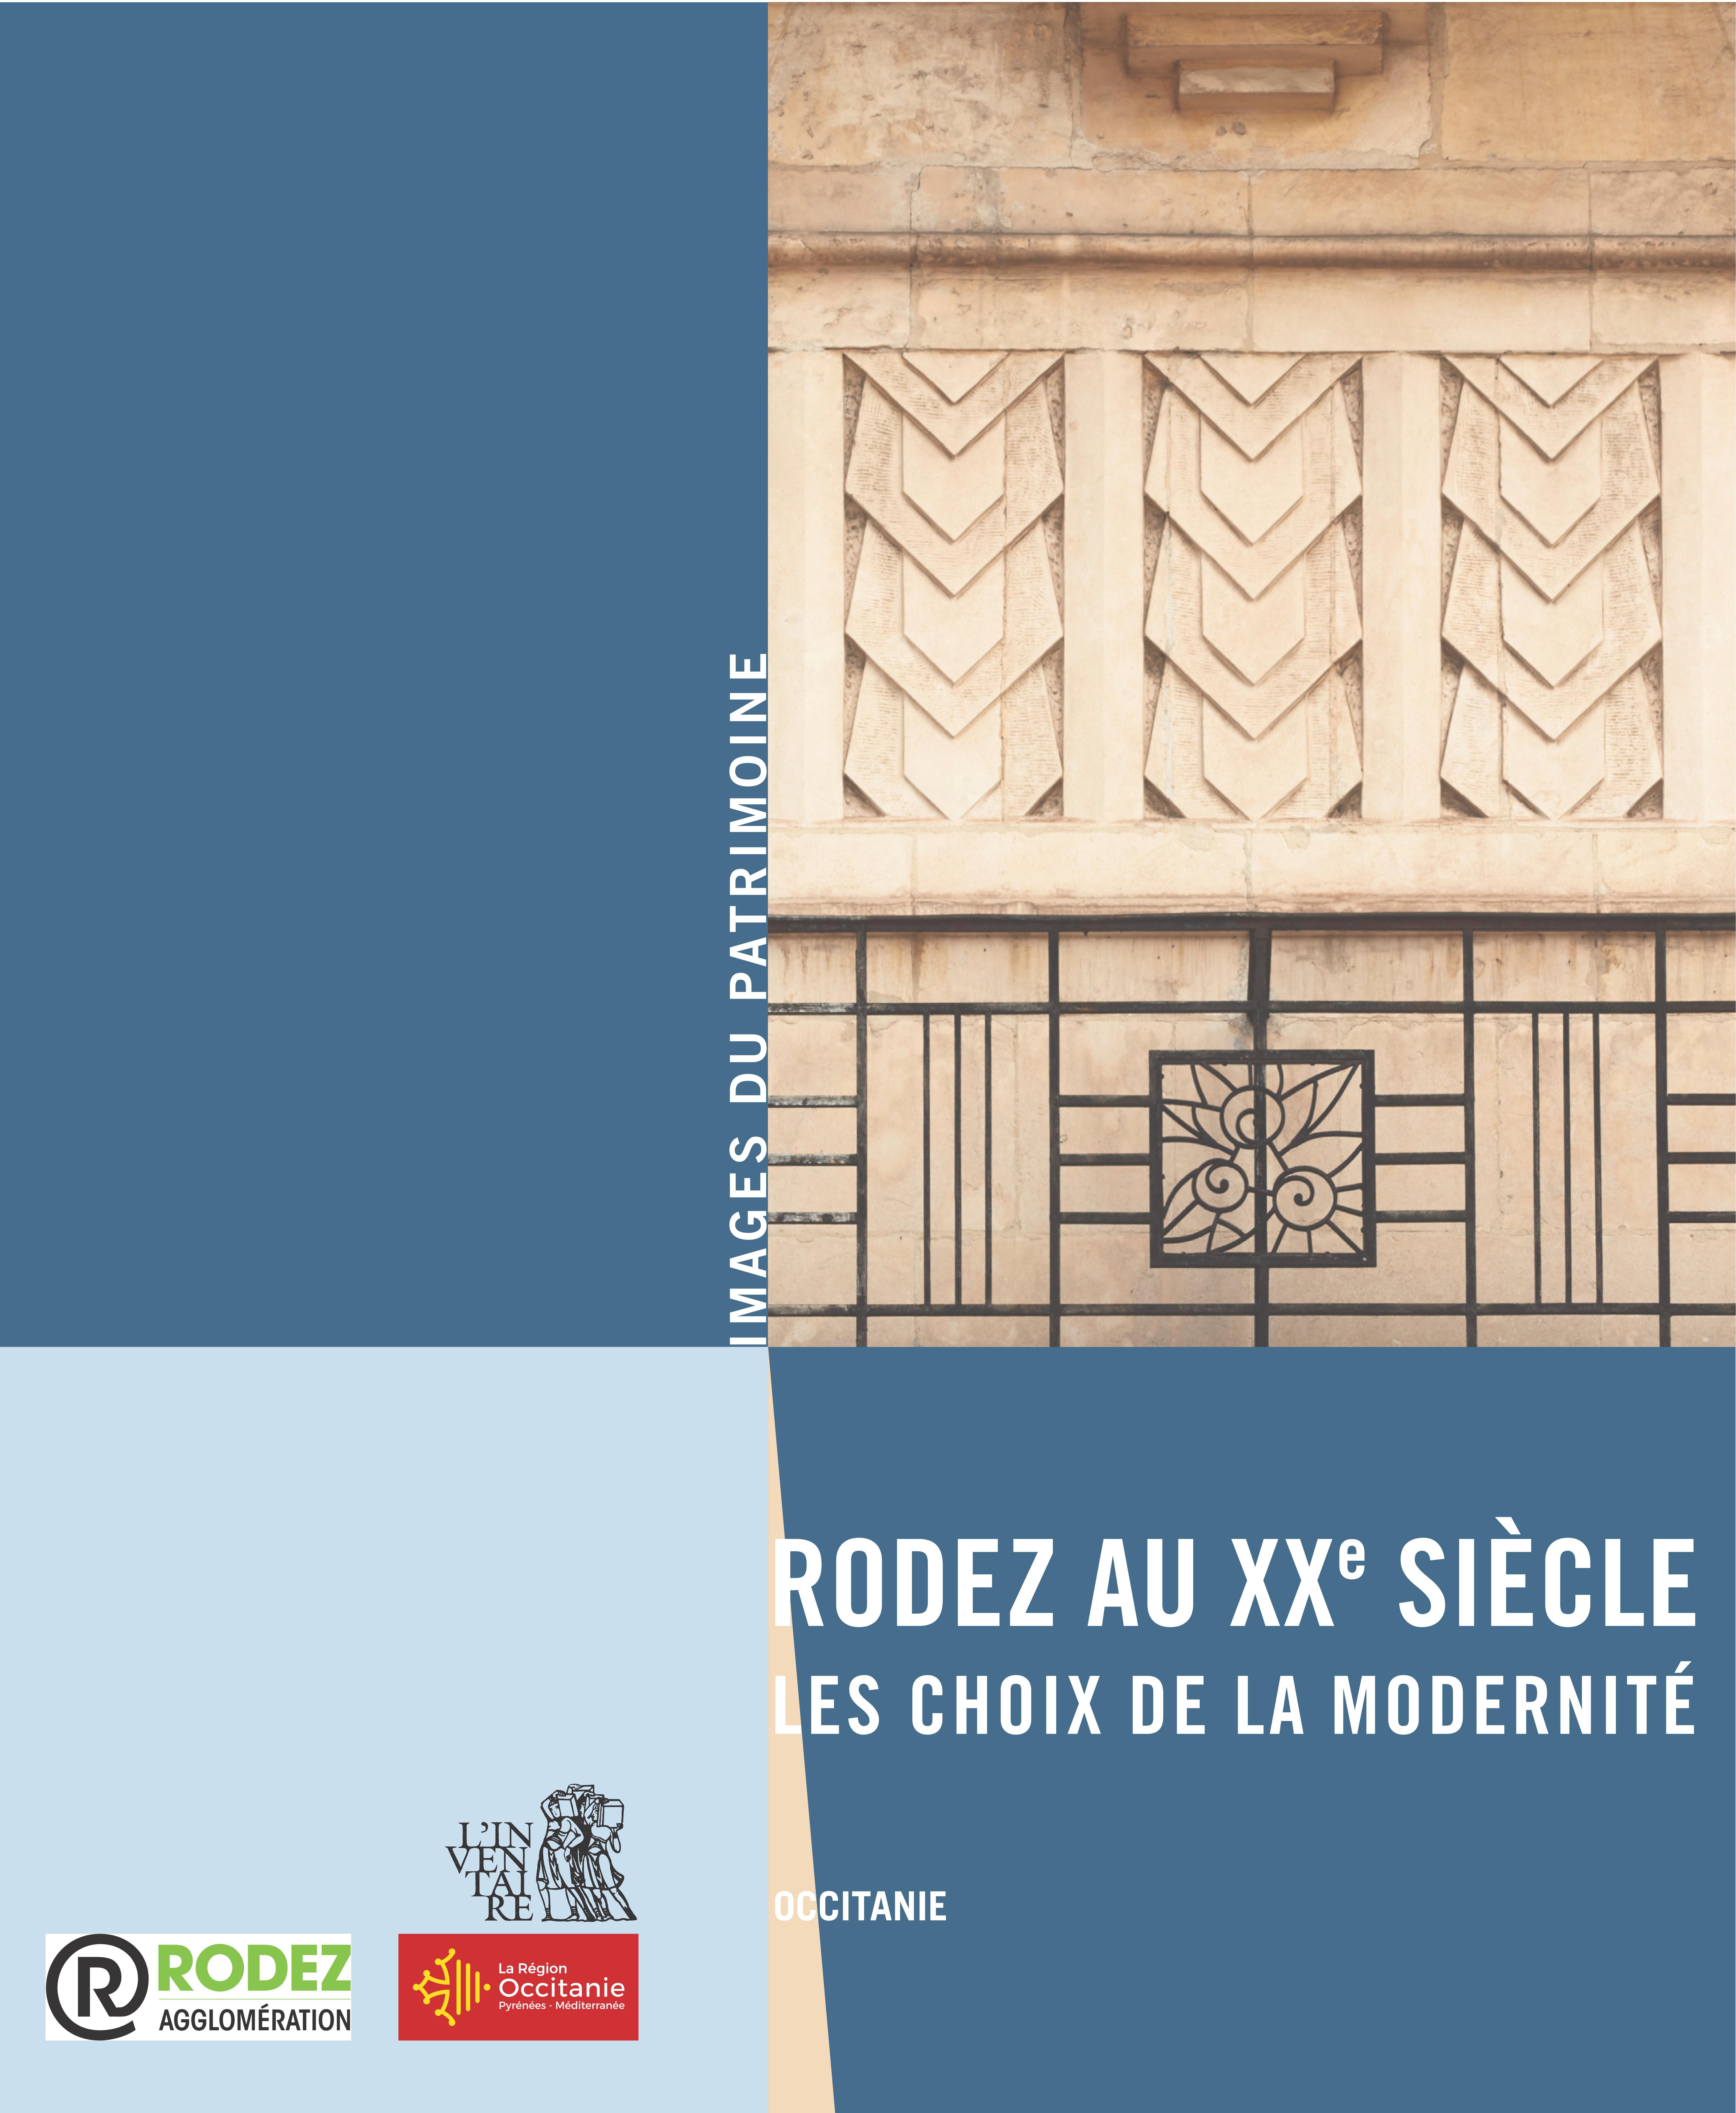 couv Rodez logos 1 2